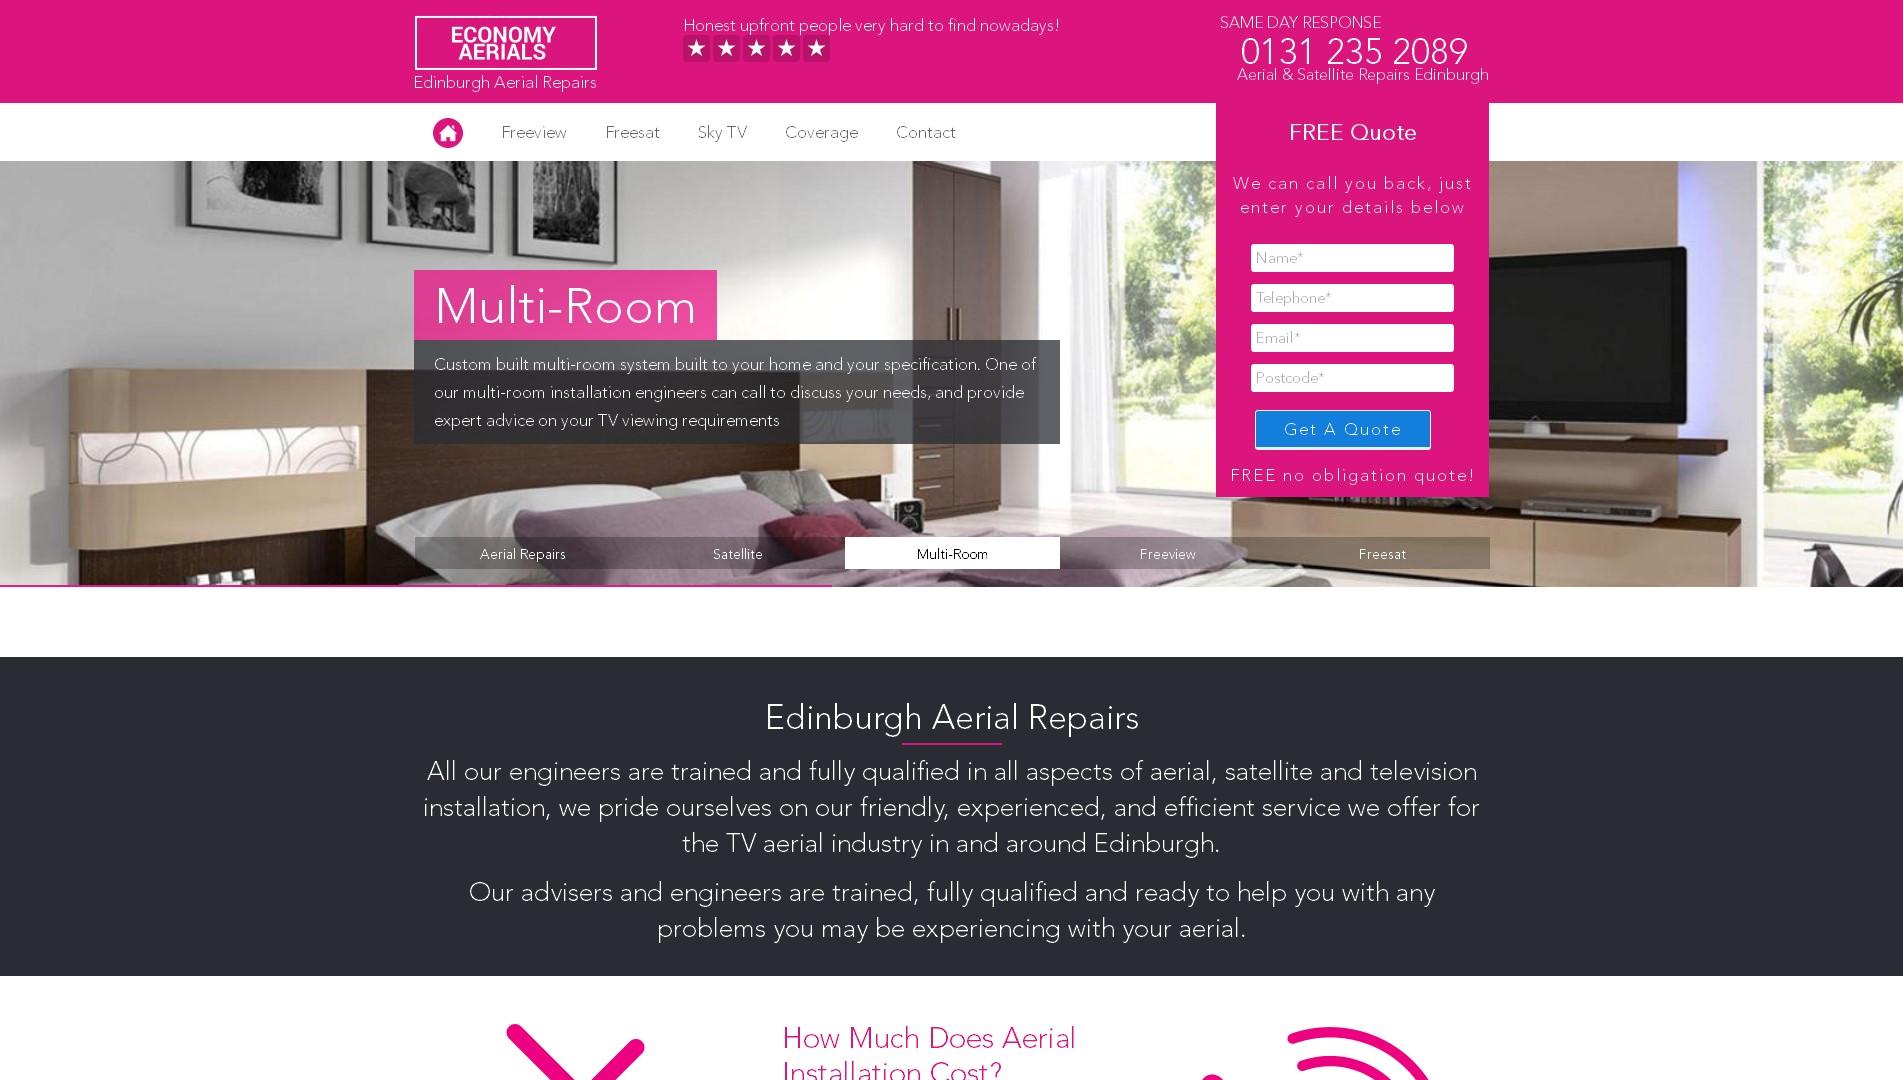 Aerial Installers Edinburgh - Economy Aerials